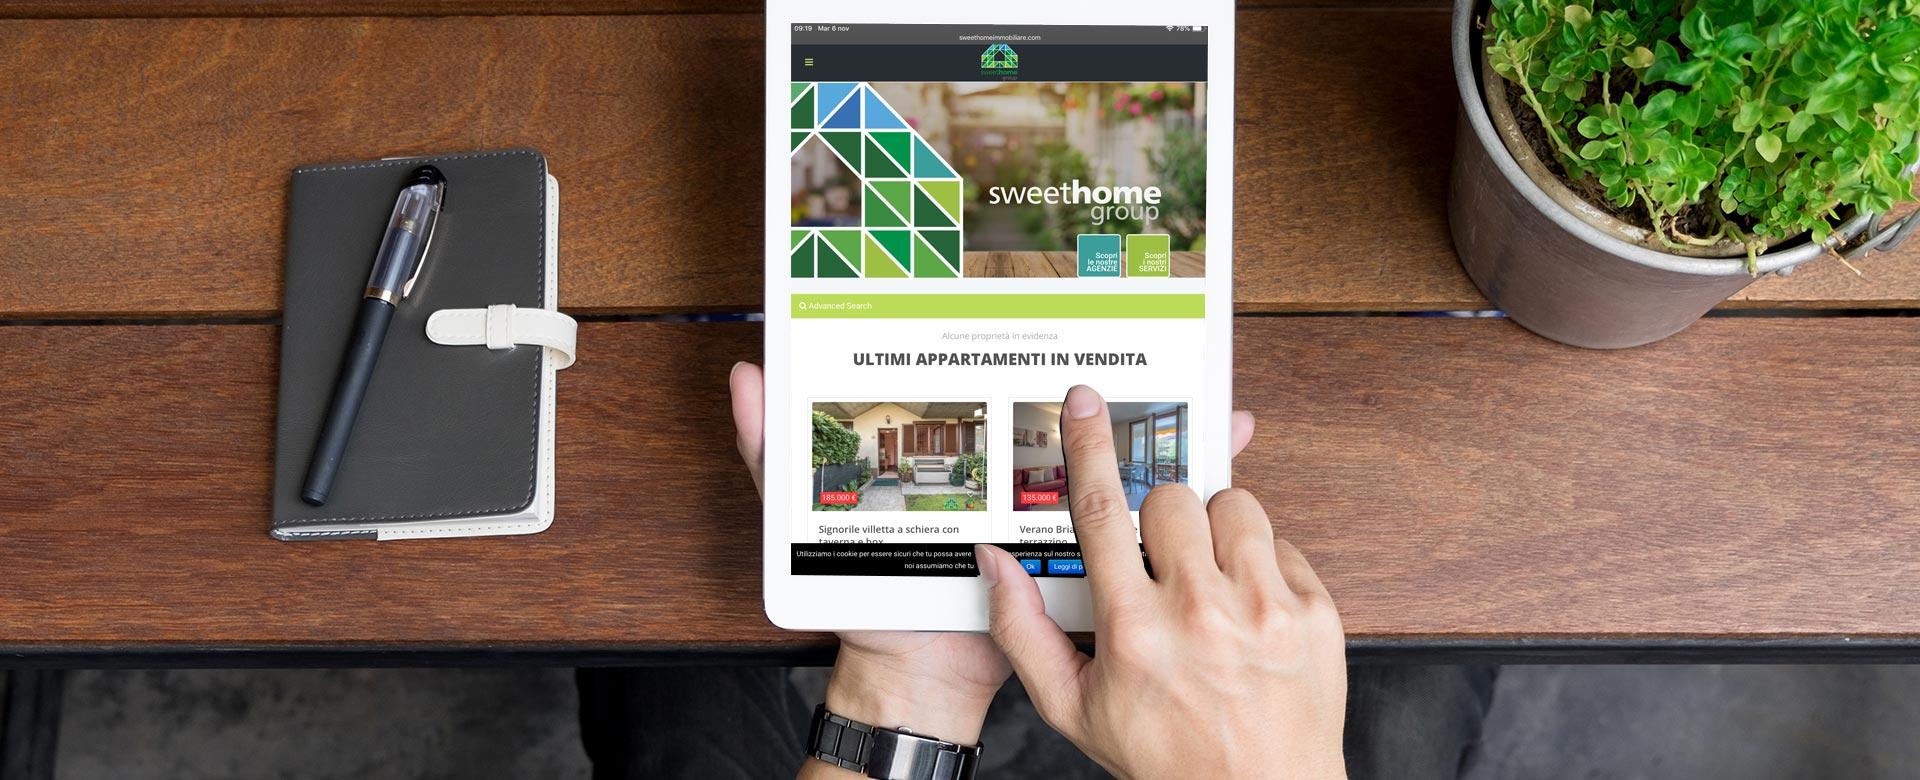 Sweethome immobiliare realizzazione sitowebe ecommerce